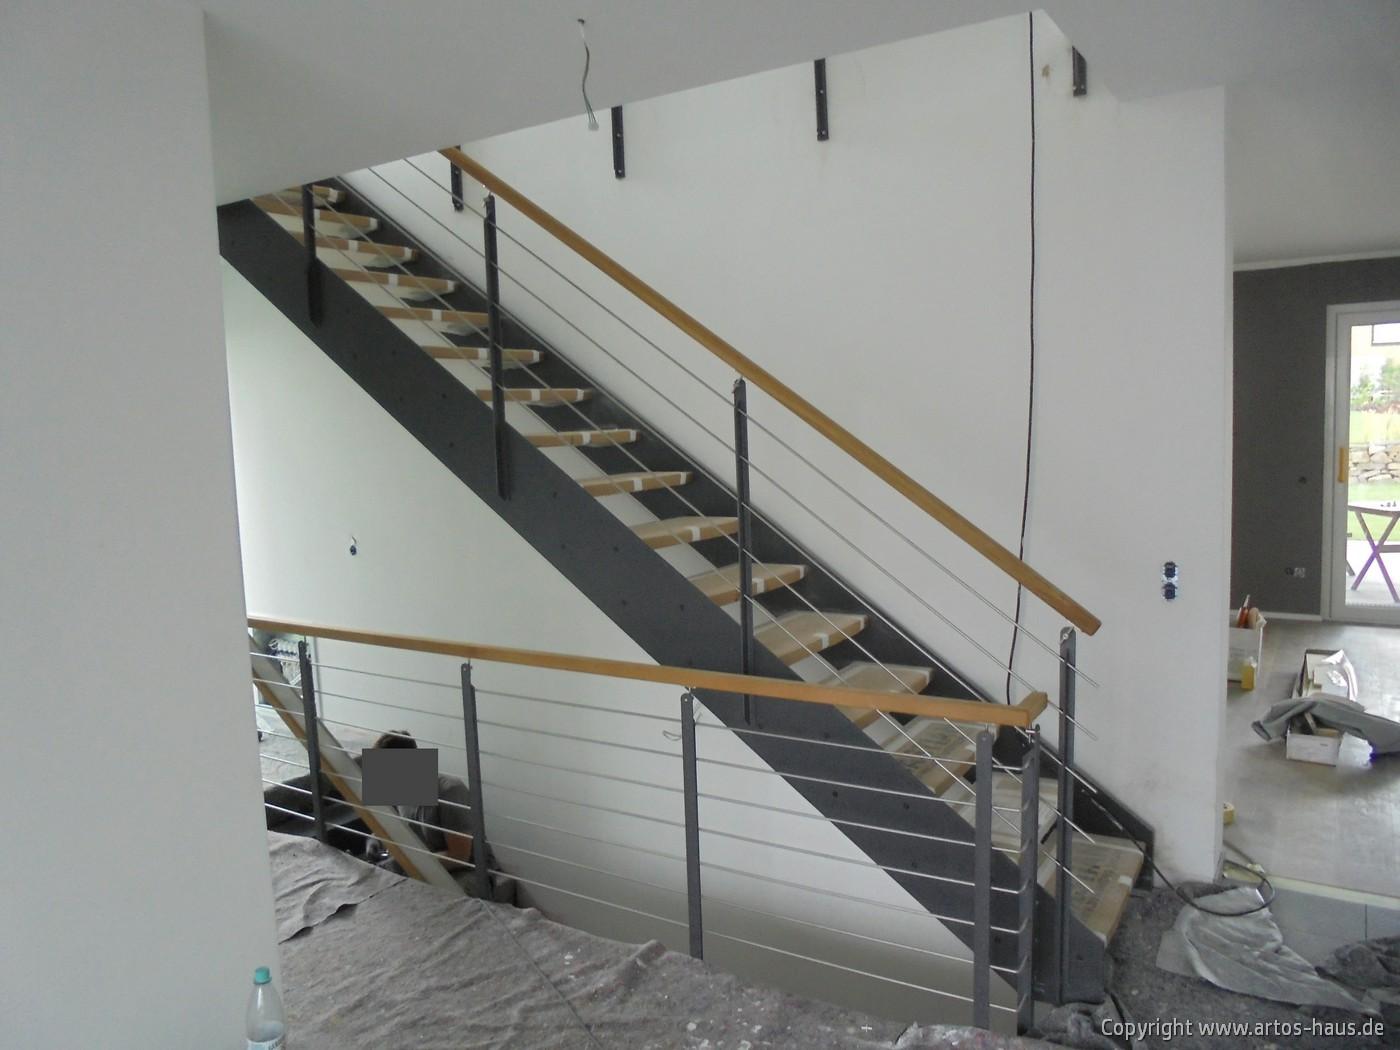 Treppe und Treppengeländer Bild 1